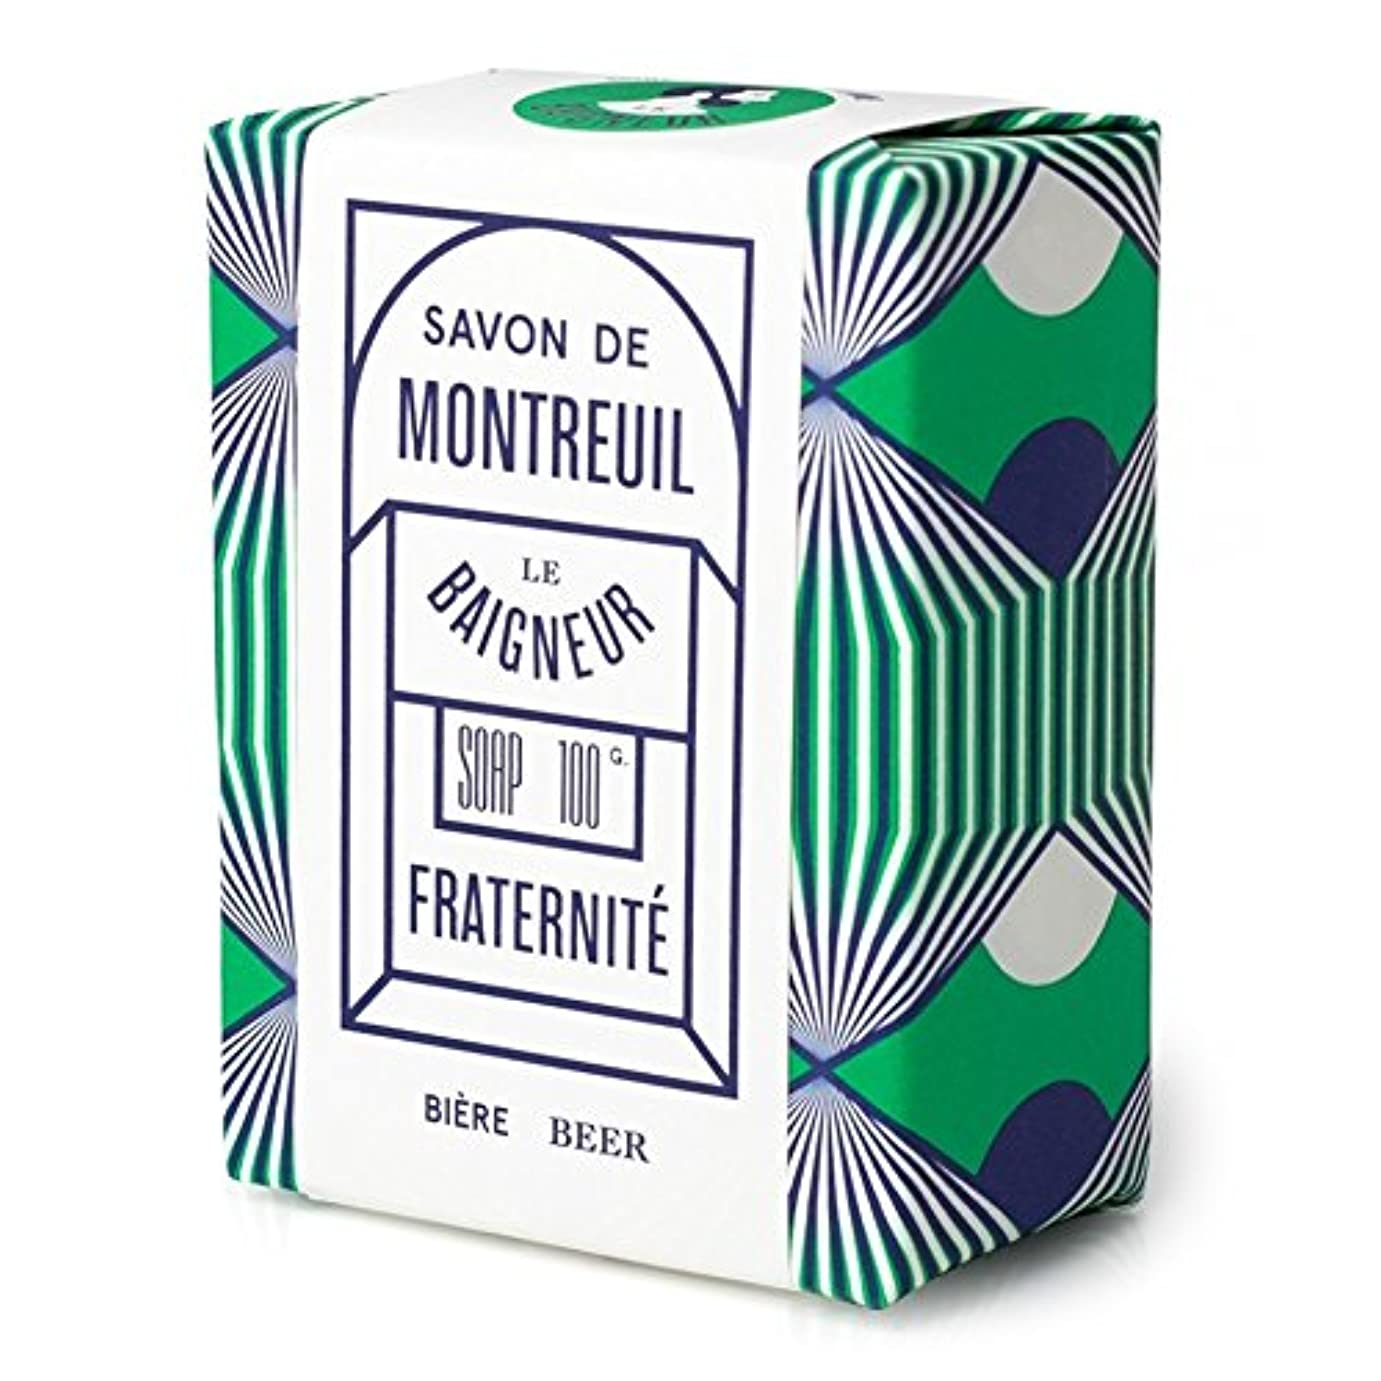 マトン負荷ルビーLe Baigneur Fraternite Soap 100g - ル 石鹸100グラム [並行輸入品]